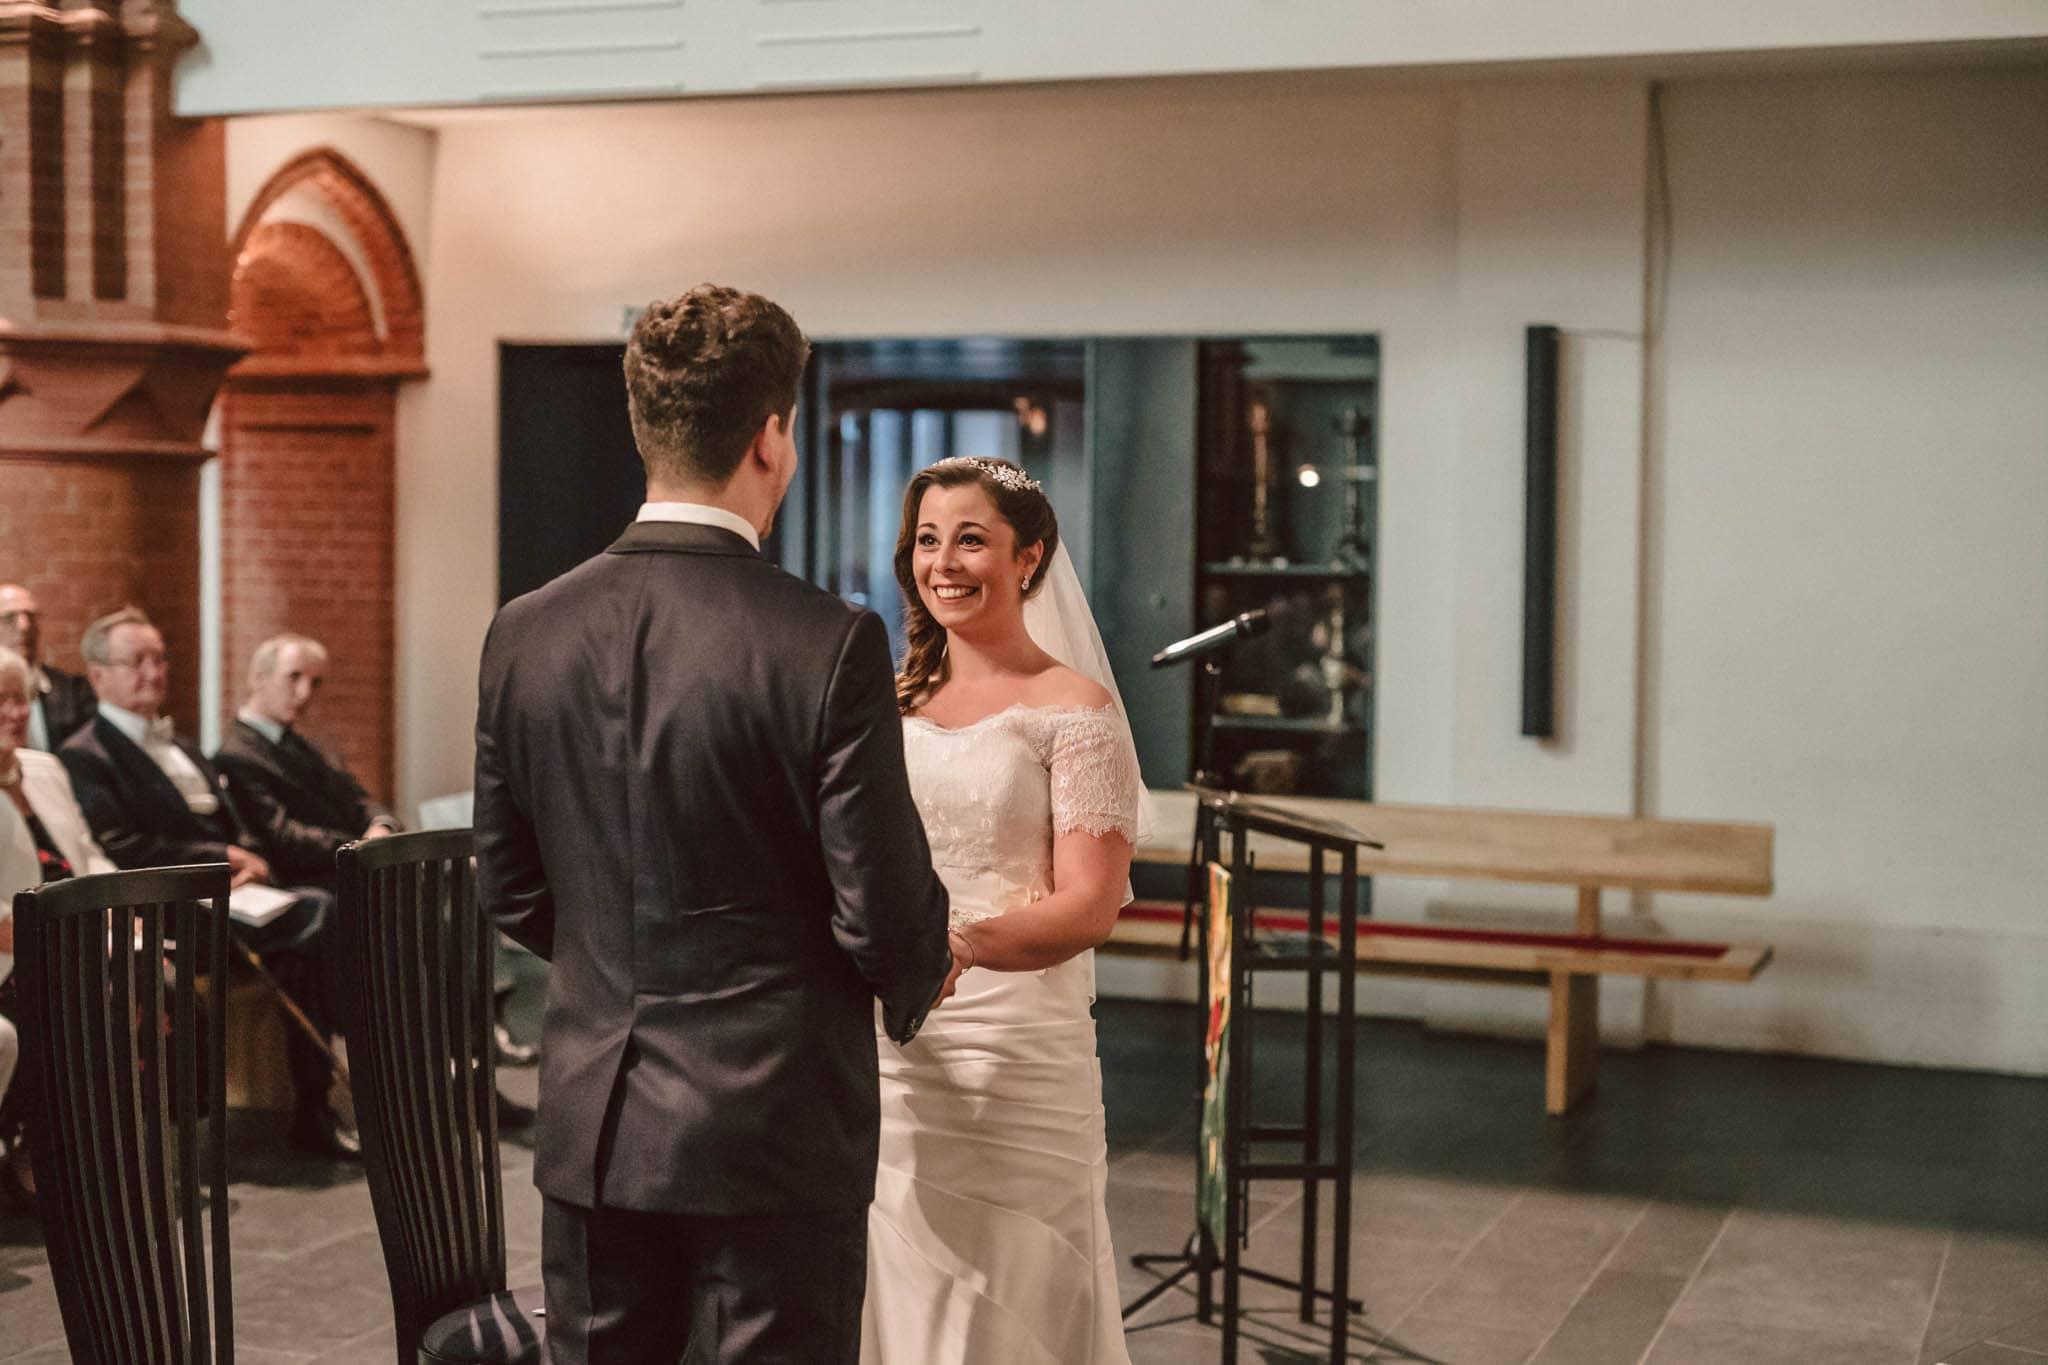 Hochzeitsfieber by Photo-Schomburg, Wedding, Hochzeitsfotograf, Hochzeitspaar, Braut, Bräutigam, Hochzeitstag, Hamburg, Landungsbrücken, Hafenliebe-61